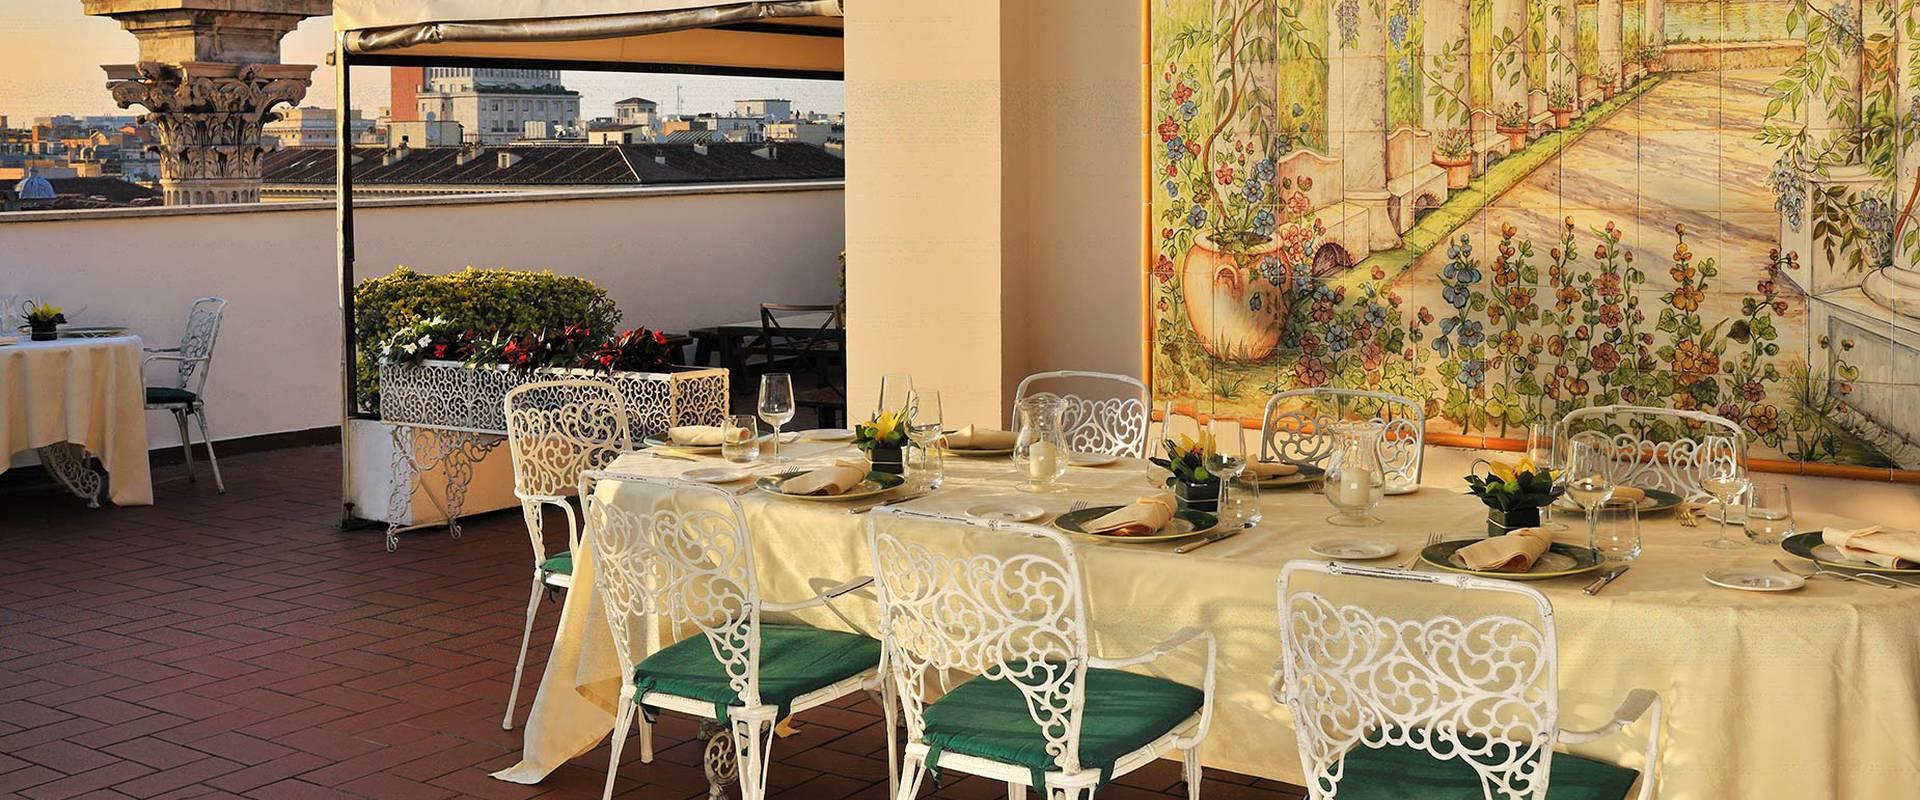 Mecenate palace hotel in roma sito ufficiale for Camera dei deputati sito ufficiale